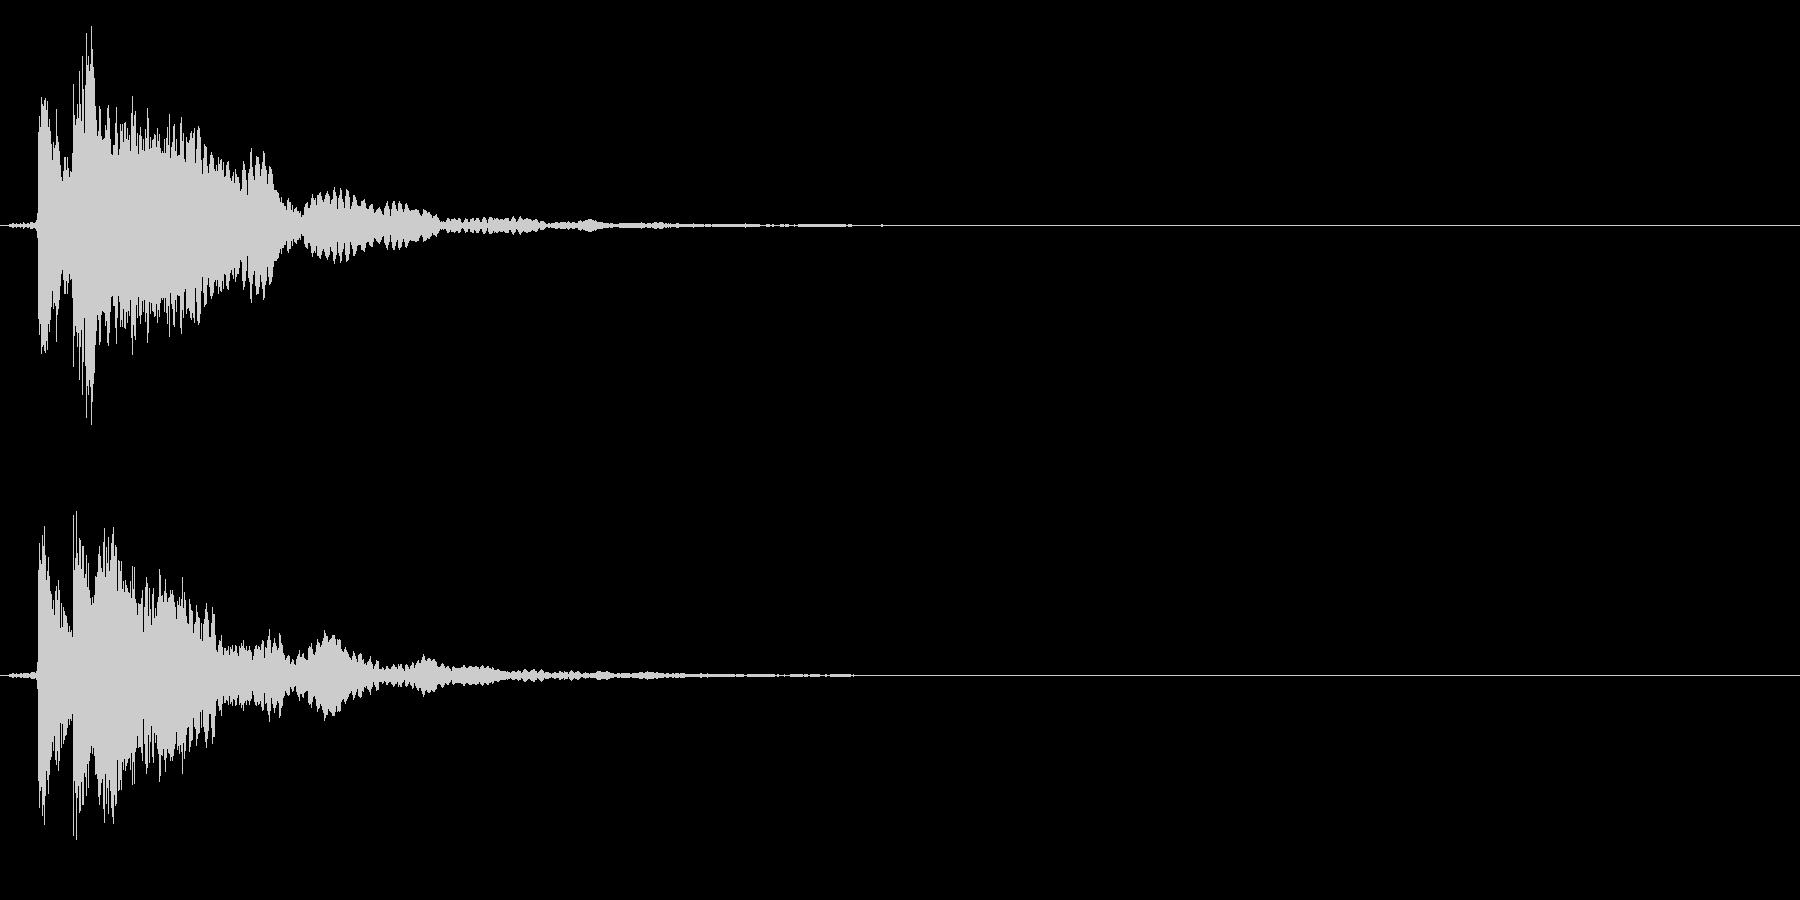 ゲームスタート、決定、ボタン音-022の未再生の波形